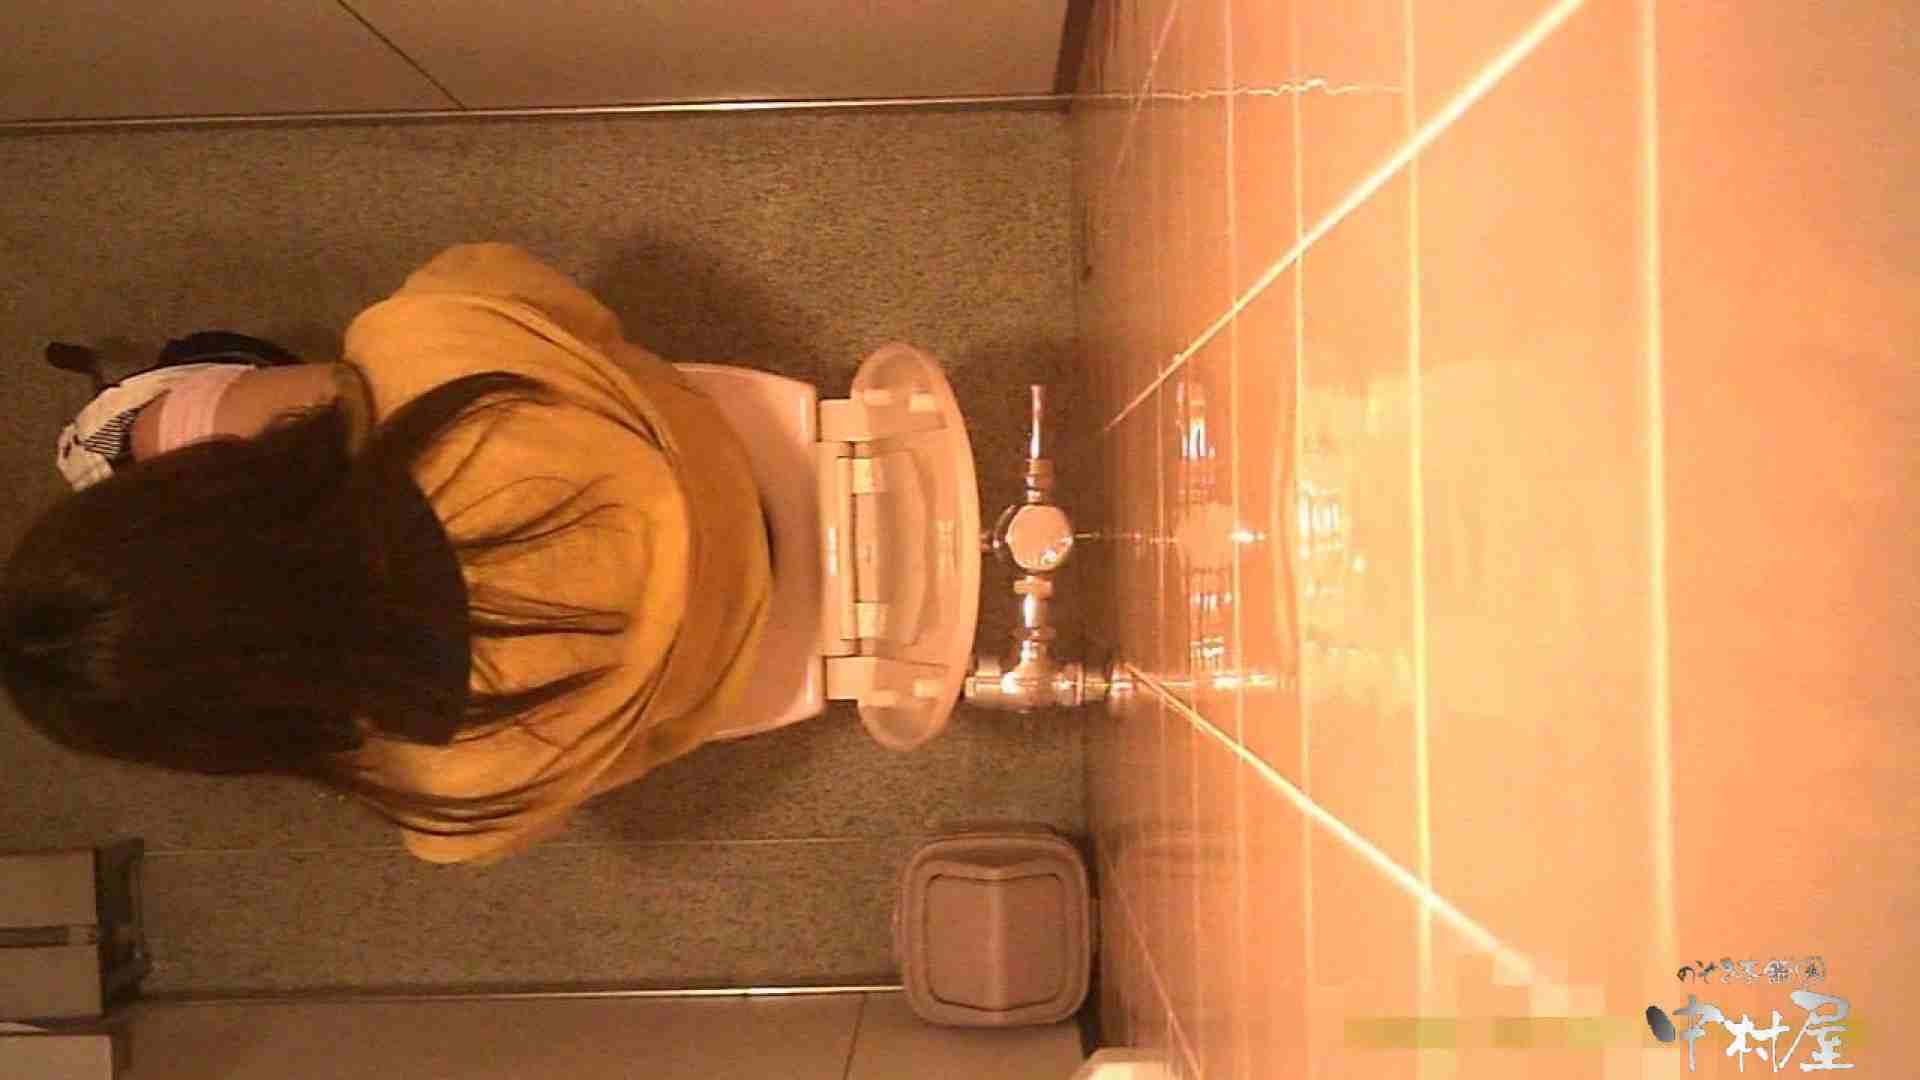 初盗撮!女盗撮師カレンさんの 潜入!女子トイレ盗撮!Vol.5 女子トイレの中では 盗み撮り動画 10枚 4